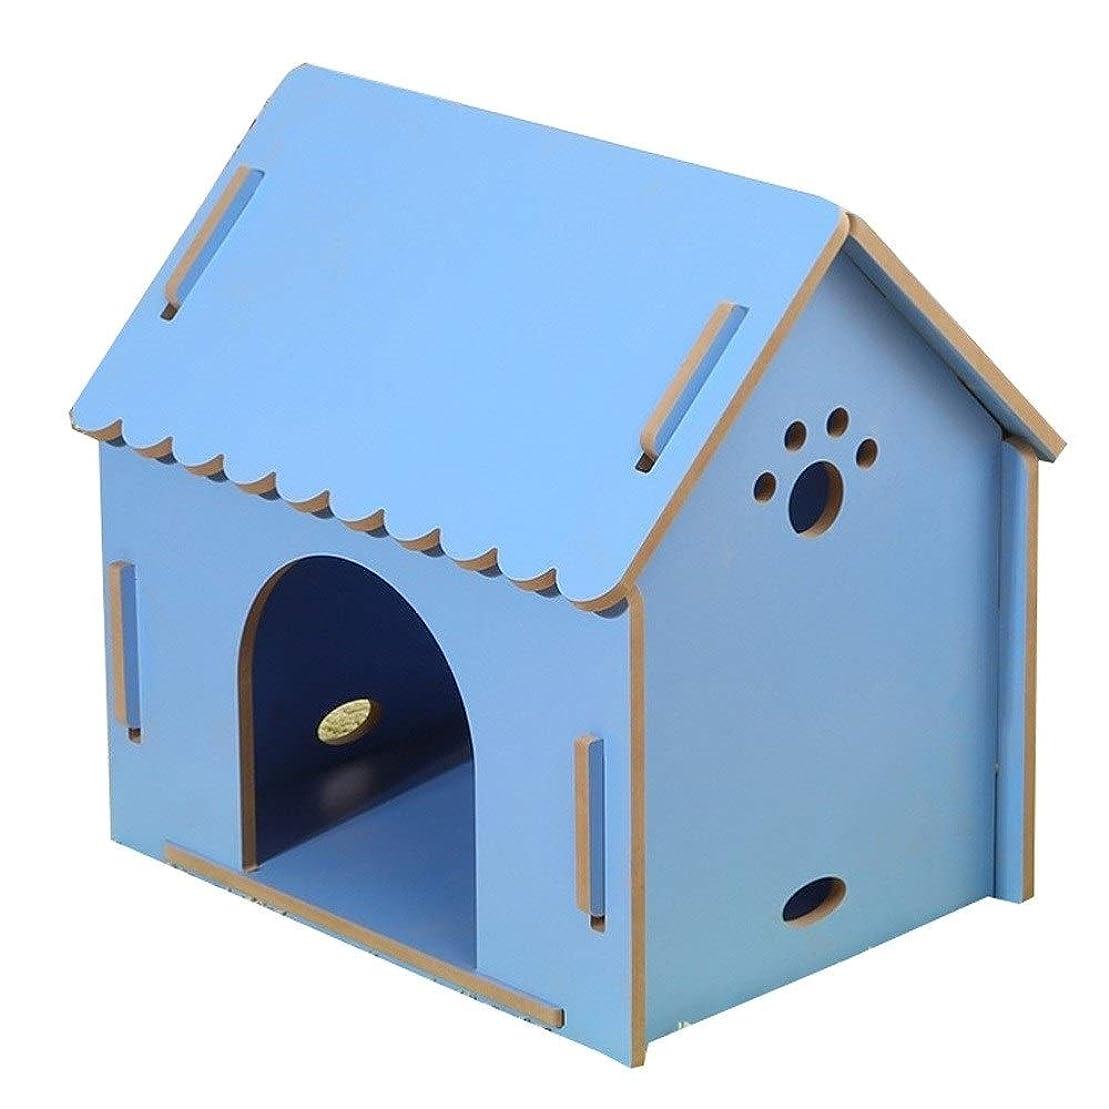 囚人写真のスワップ木製ペットベッドボード、それを分解アニマルシェルター用品可能な屋外のウサギのケージを移動することができます (Size : L)